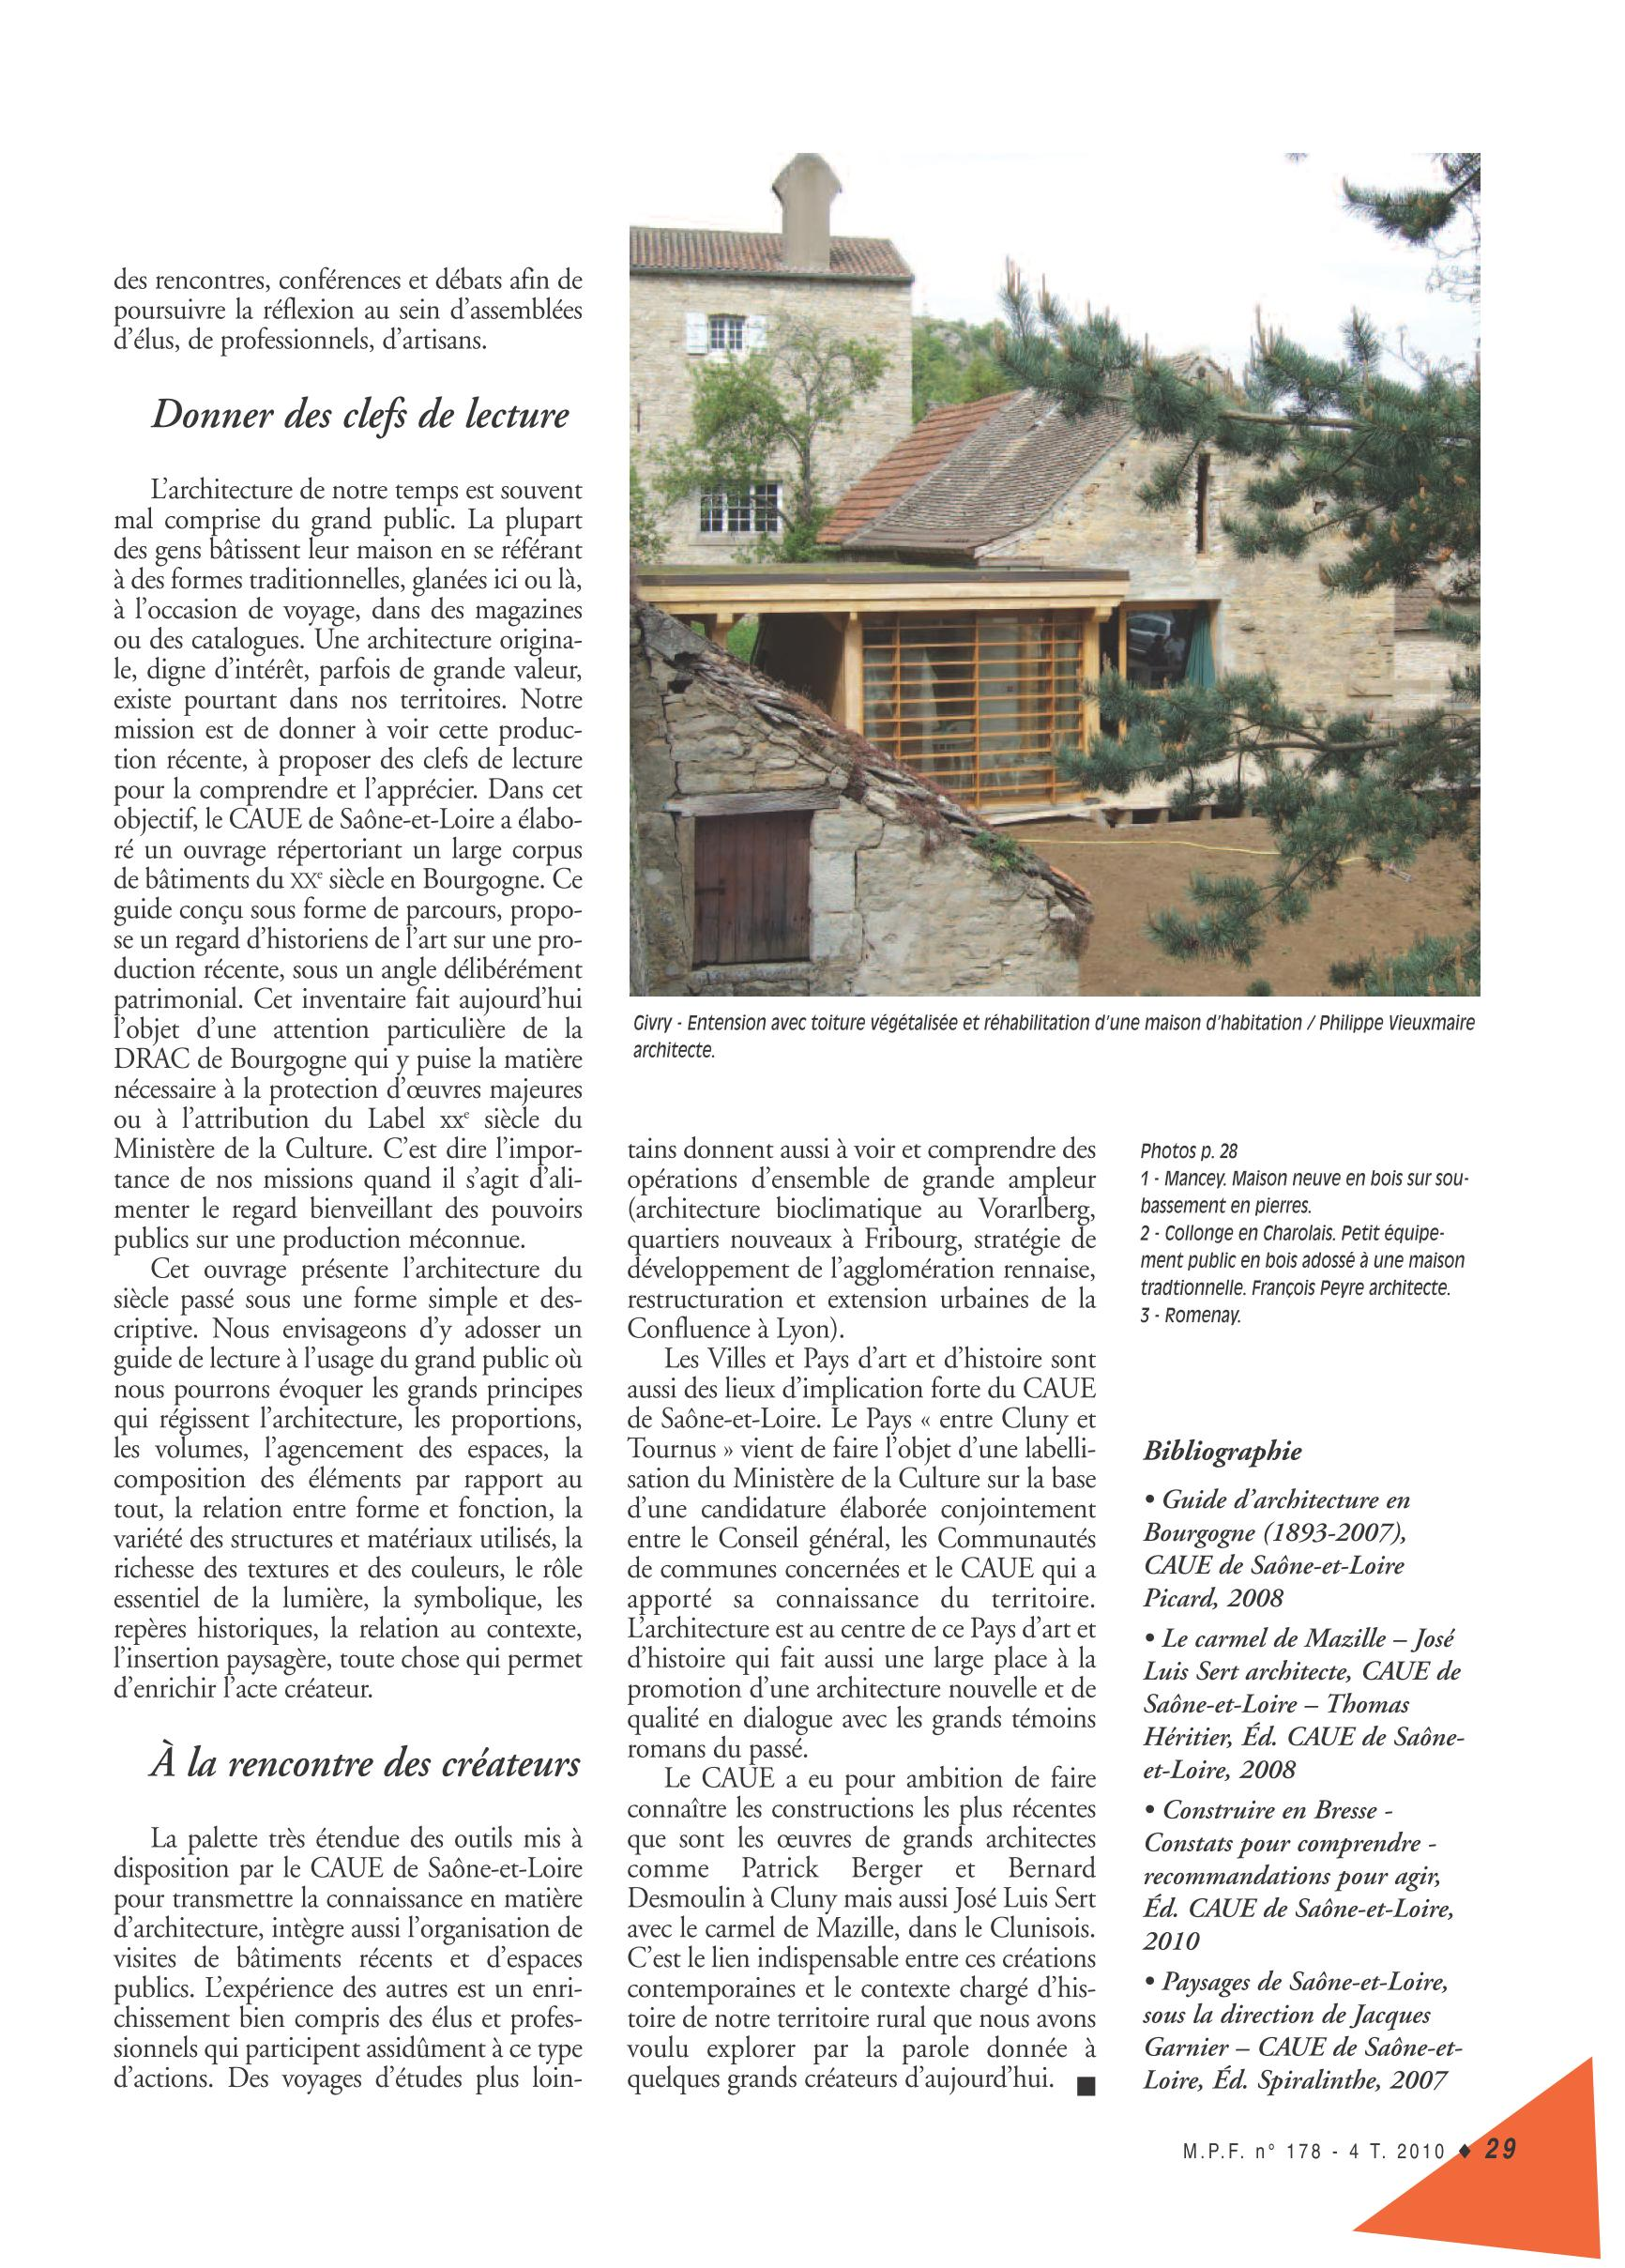 Maisons paysanes de france 178_02